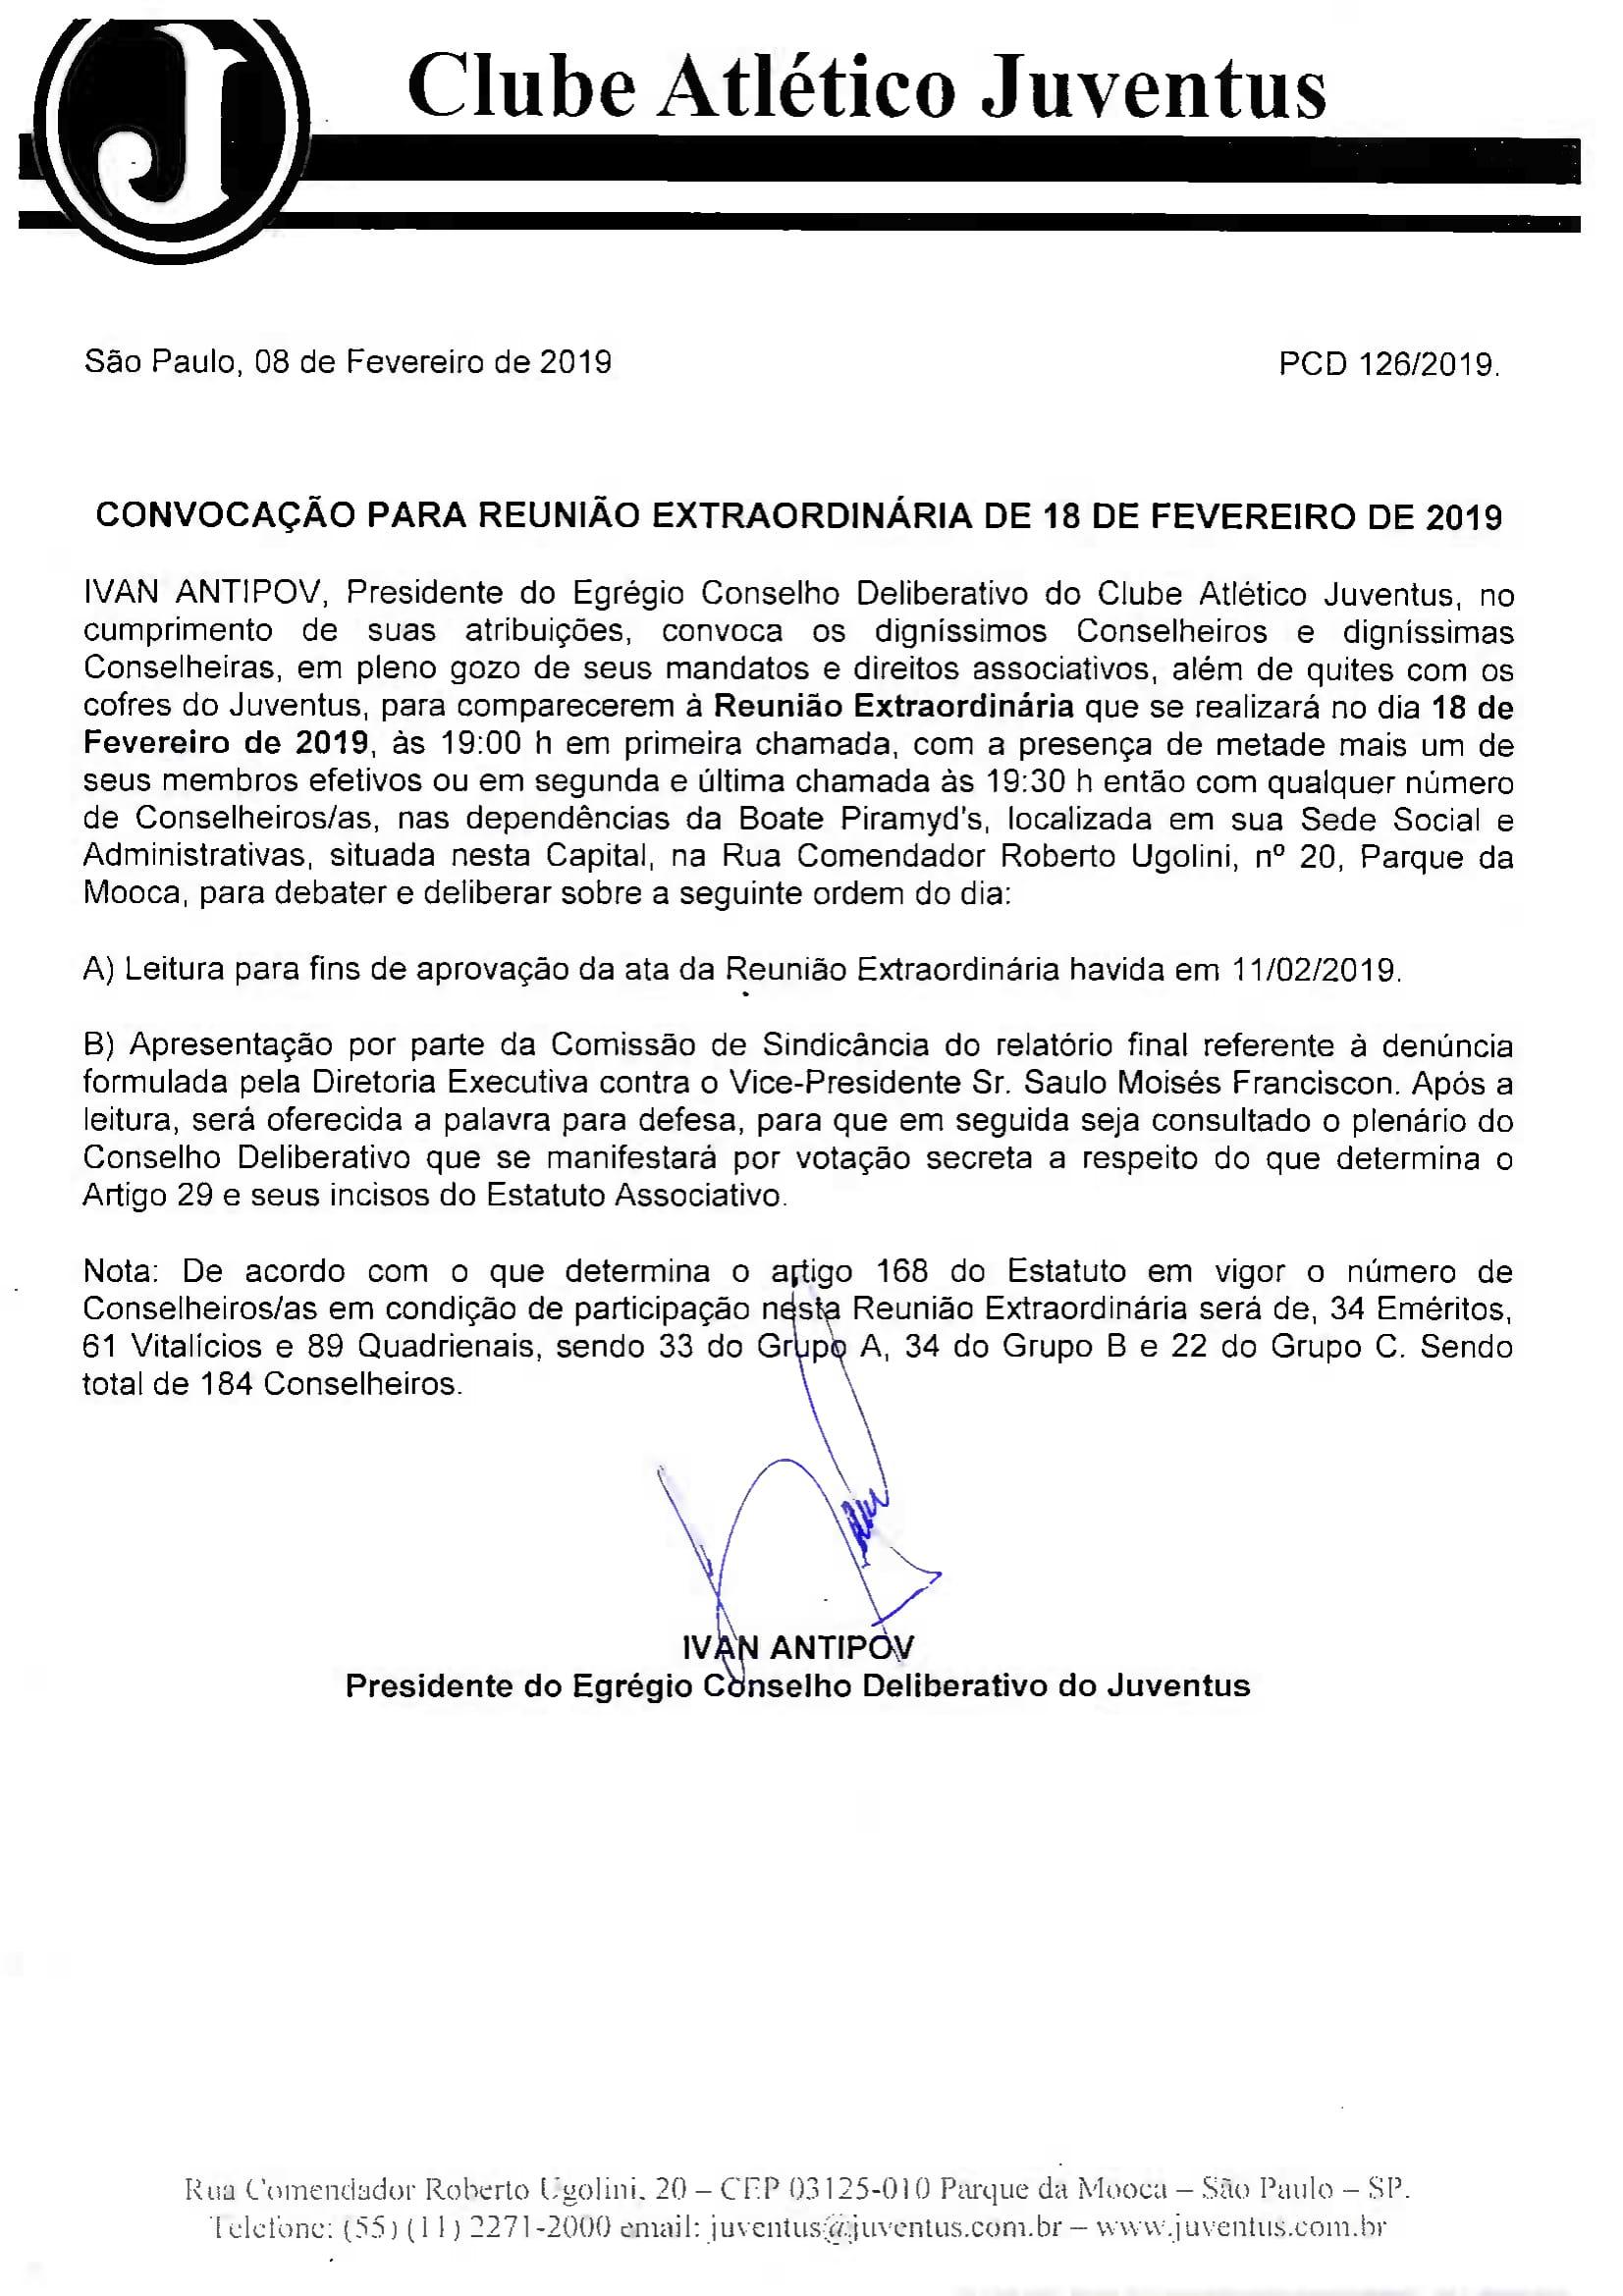 EDITAL DE CONVOCAÇÃO 18-02-2019053-1